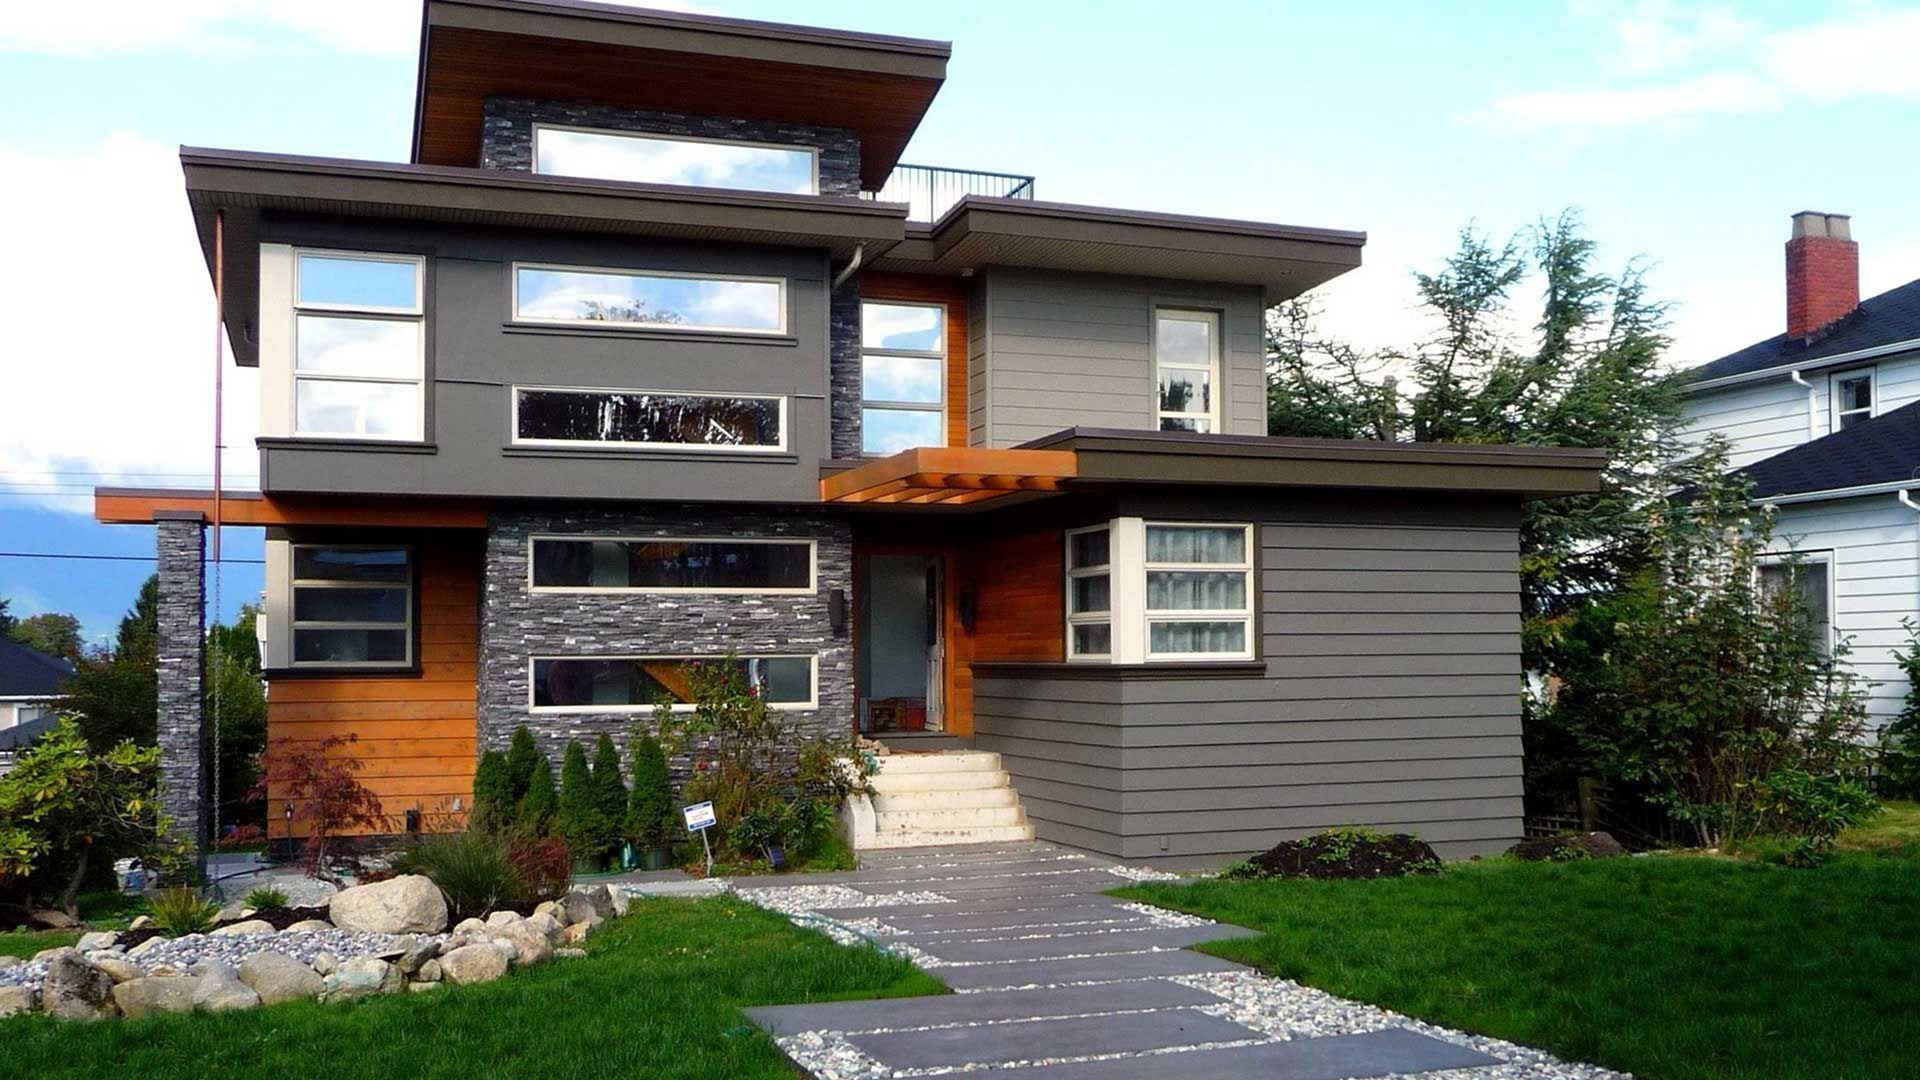 35 Stunning Modern Home Exterior Color Ideas Modern Exterior